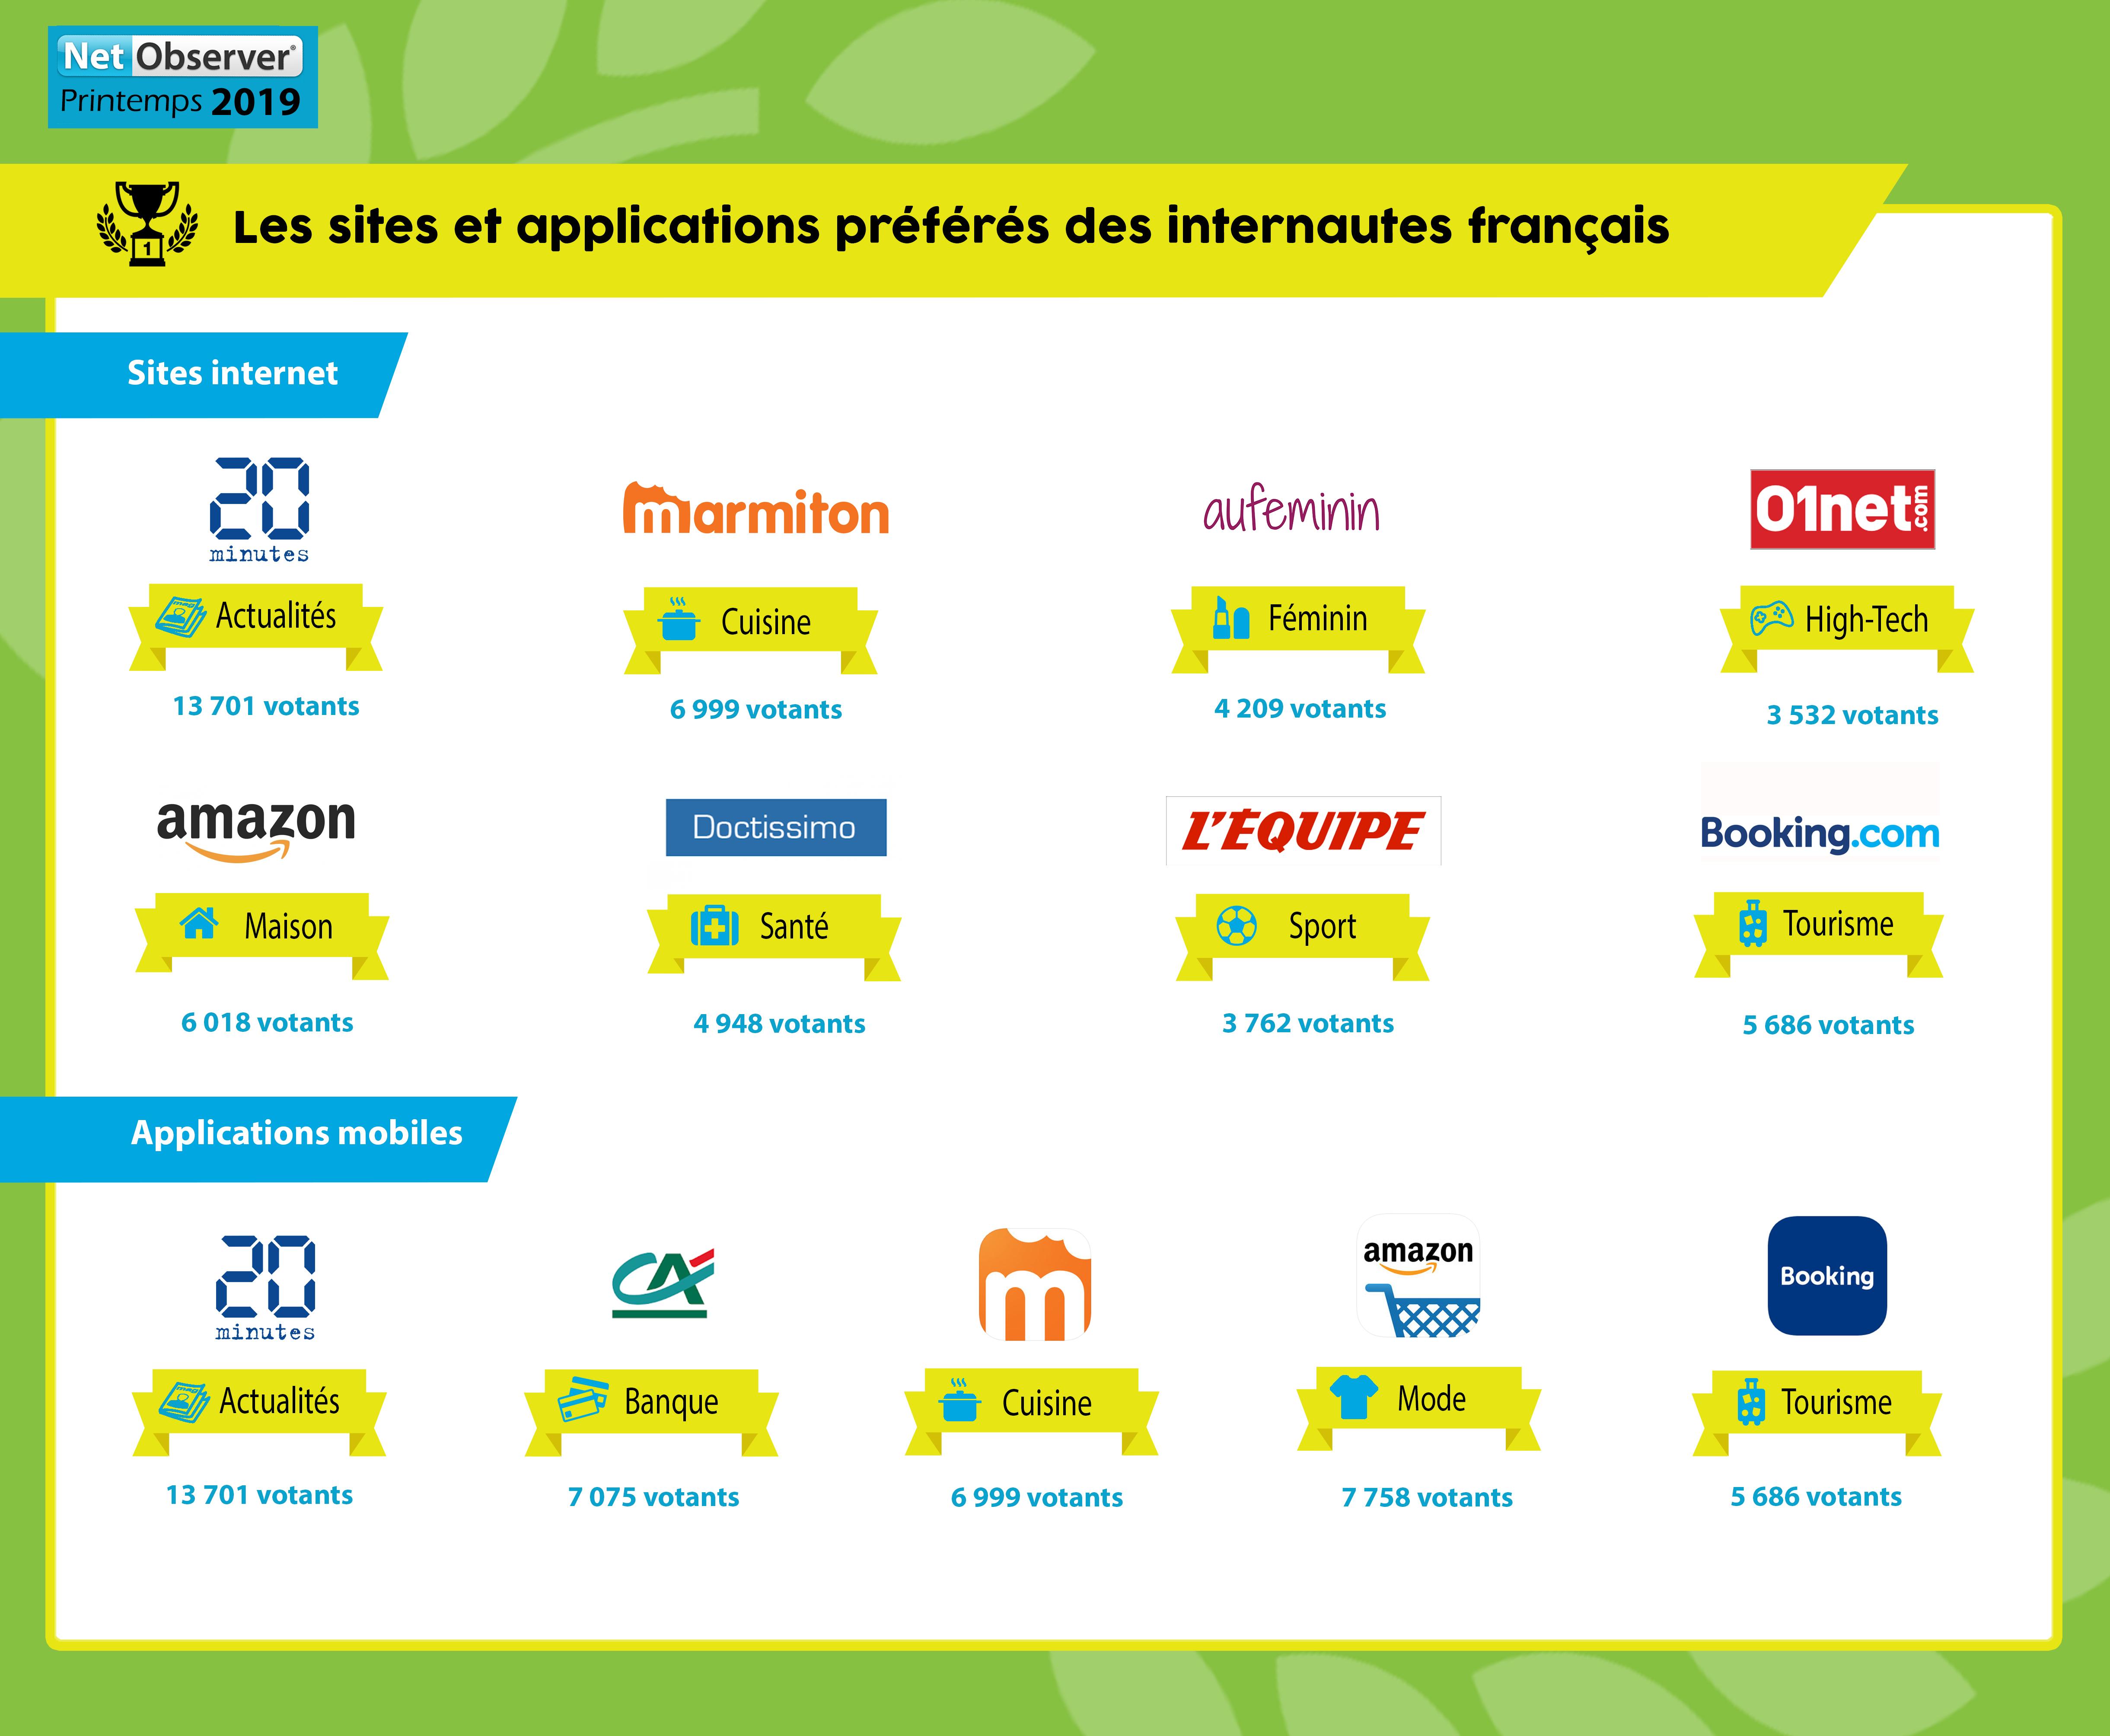 Les sites internet et applications mobiles préférés des internautes français image